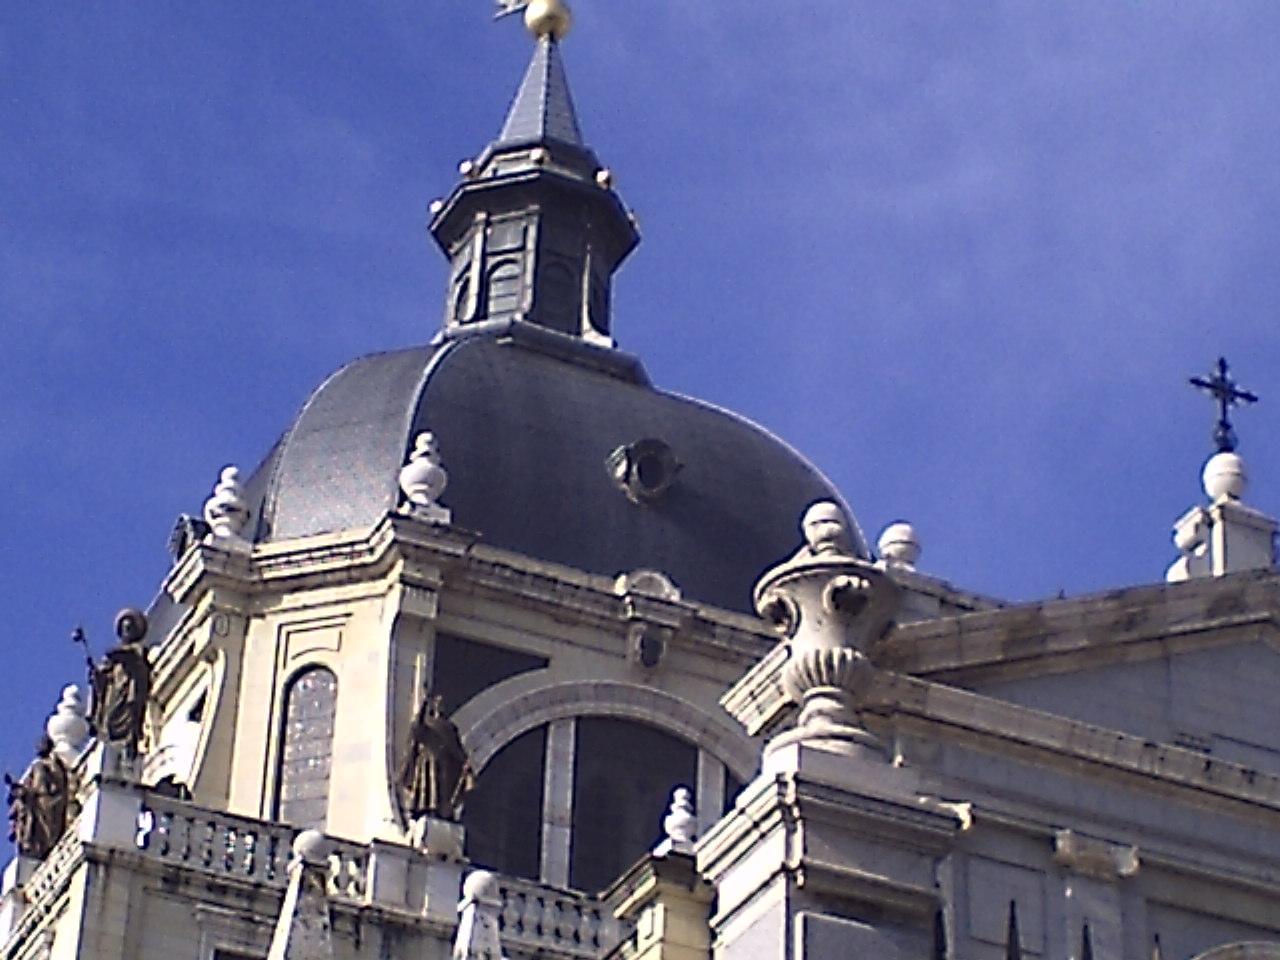 Blog de 4 c ceip carlos cano fotos de la visita a madrid - Talleres cano madrid ...